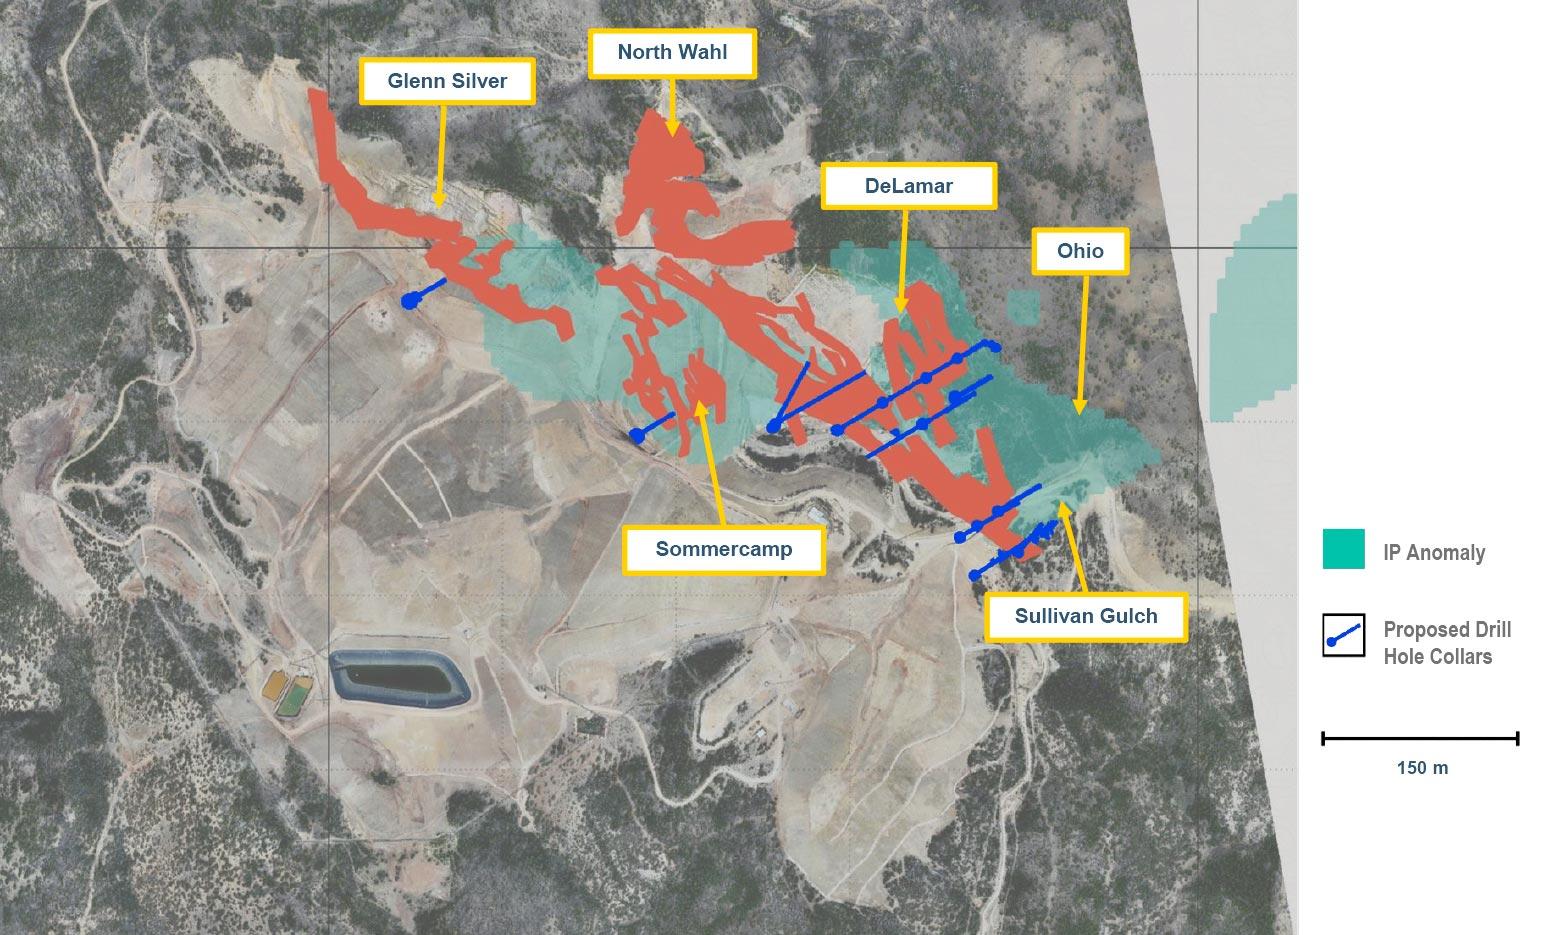 DeLamar Deposit: Phase 1 Drilling